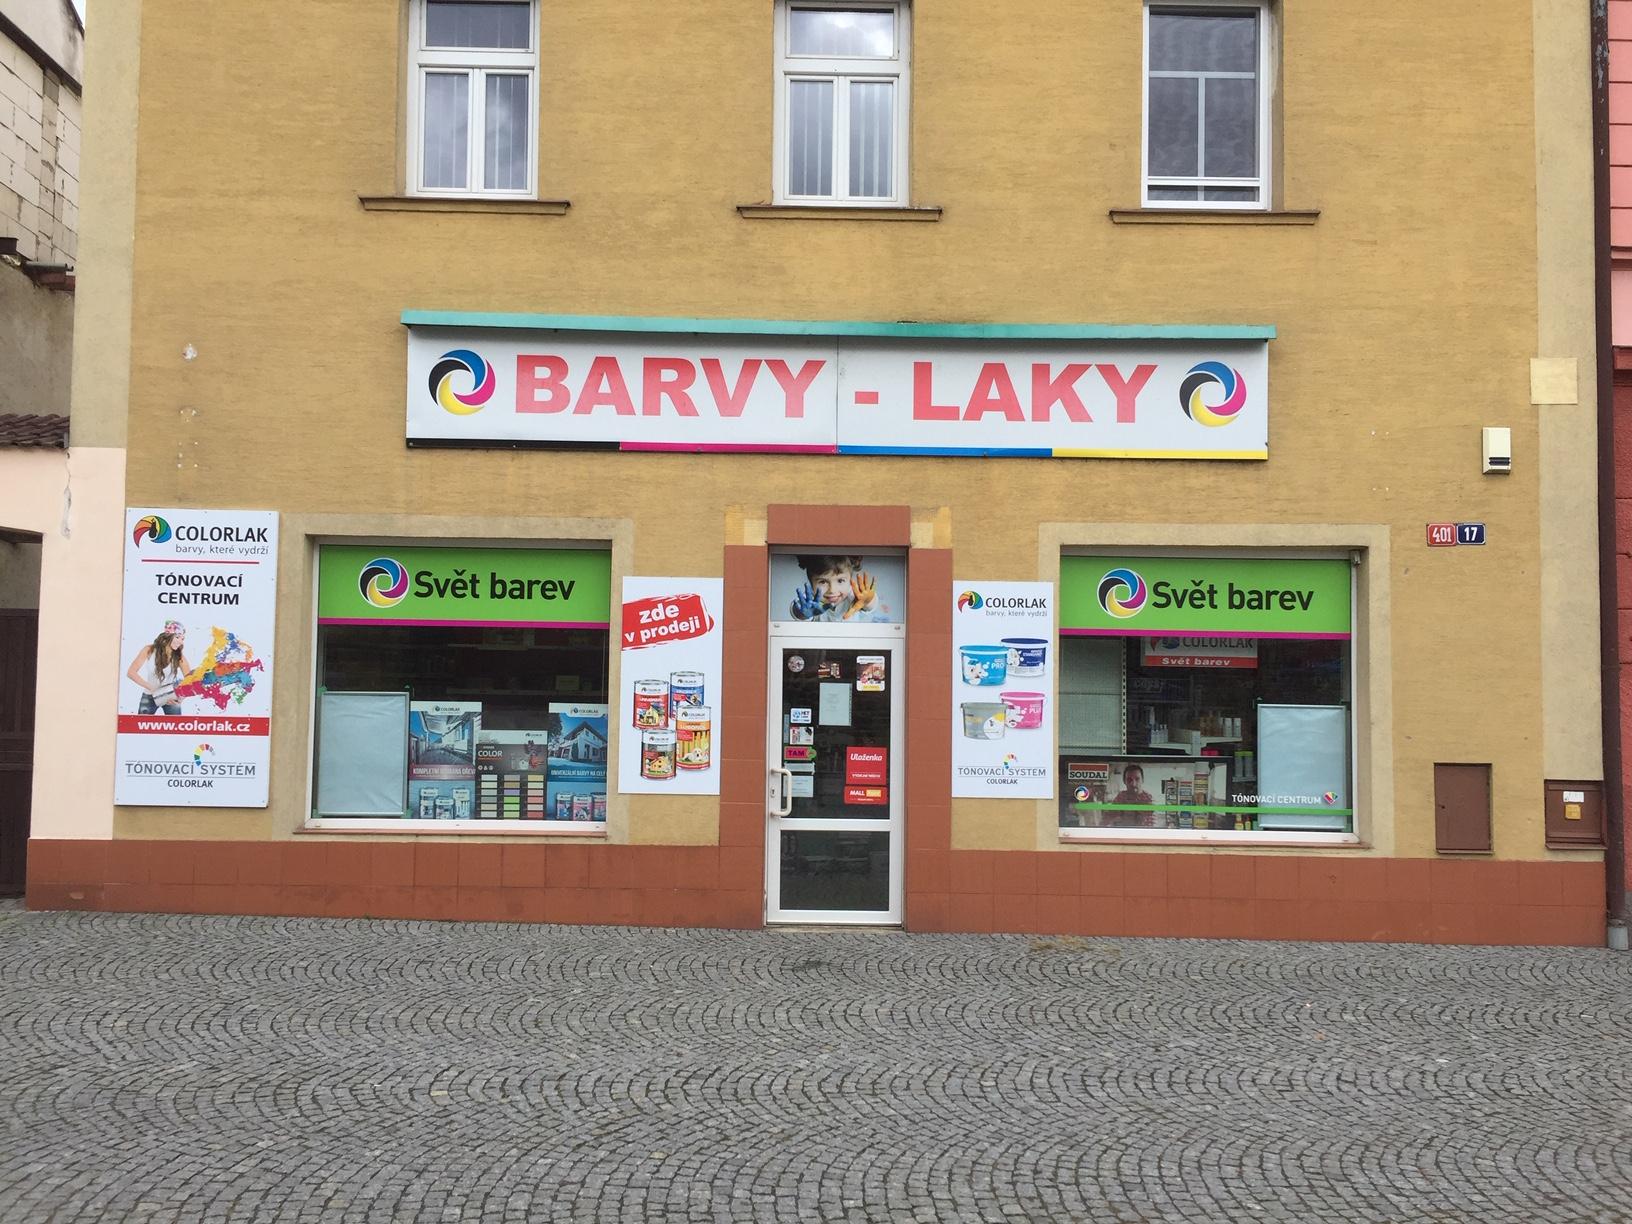 Pobočka Vlašim, Žižkovo nám. 401 (COLORLAK maloobchod s.r.o. – SVĚT BAREV)